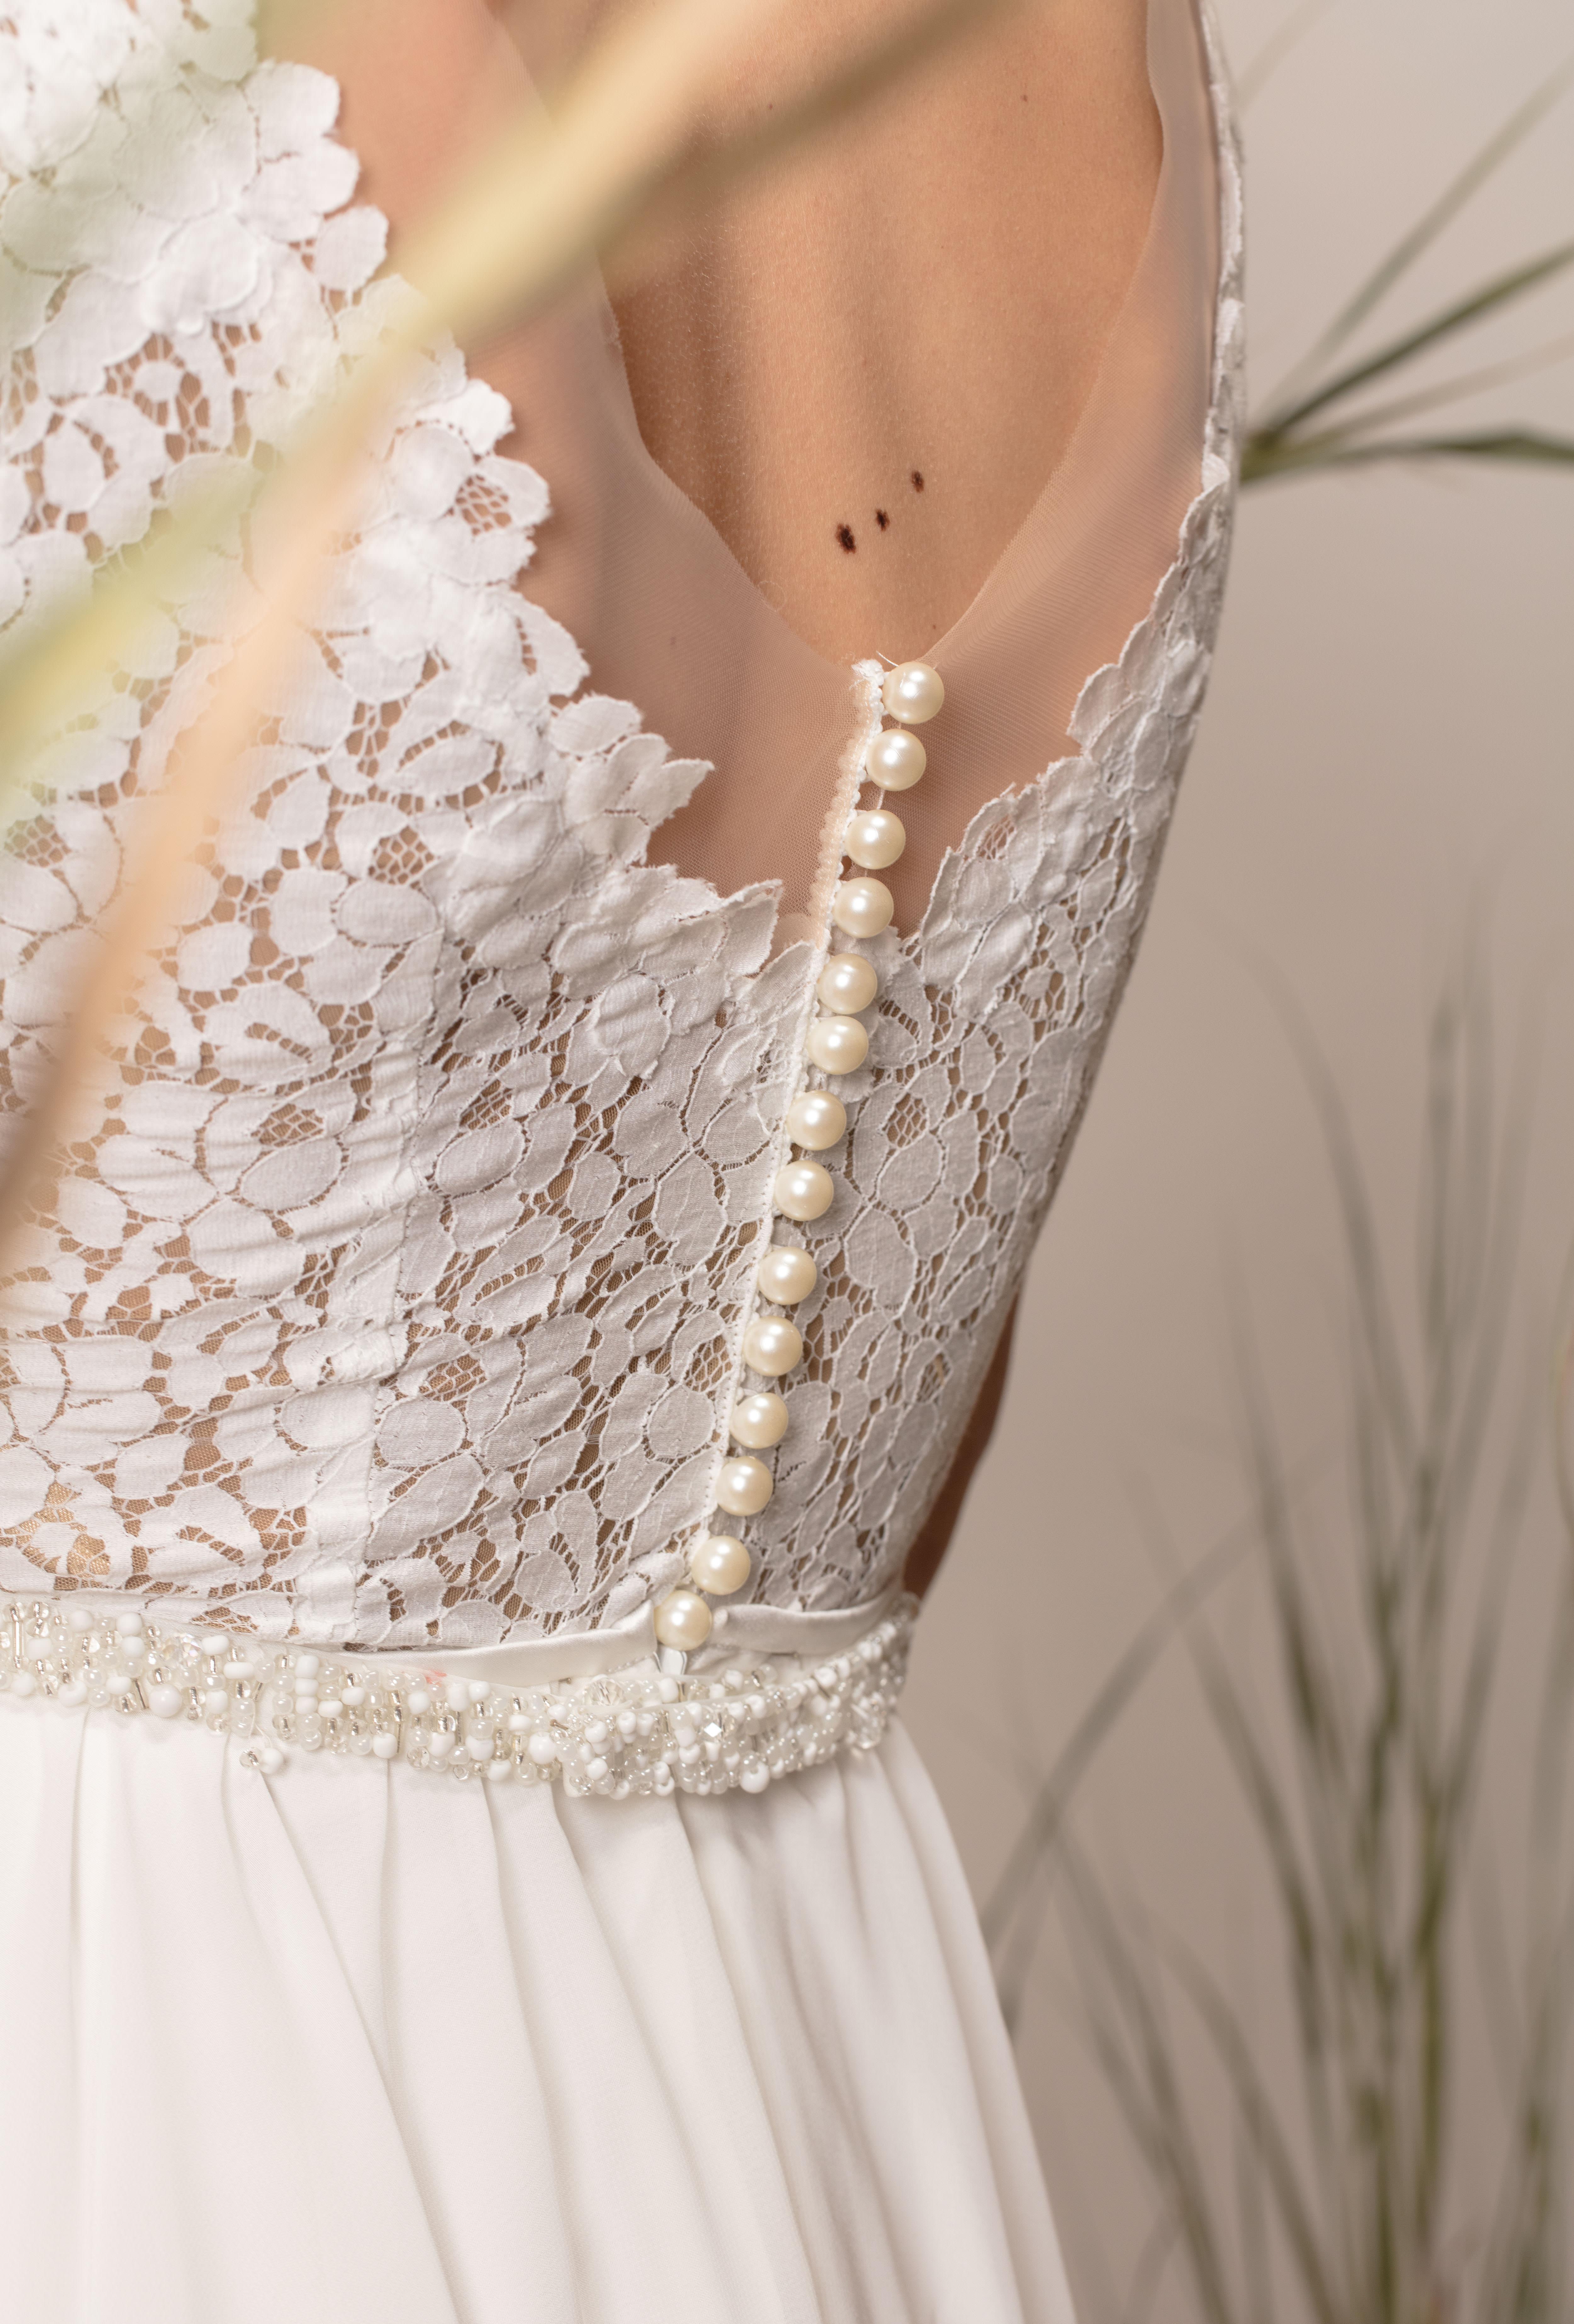 Rochie de mireasă simplă cu dantelă și perle